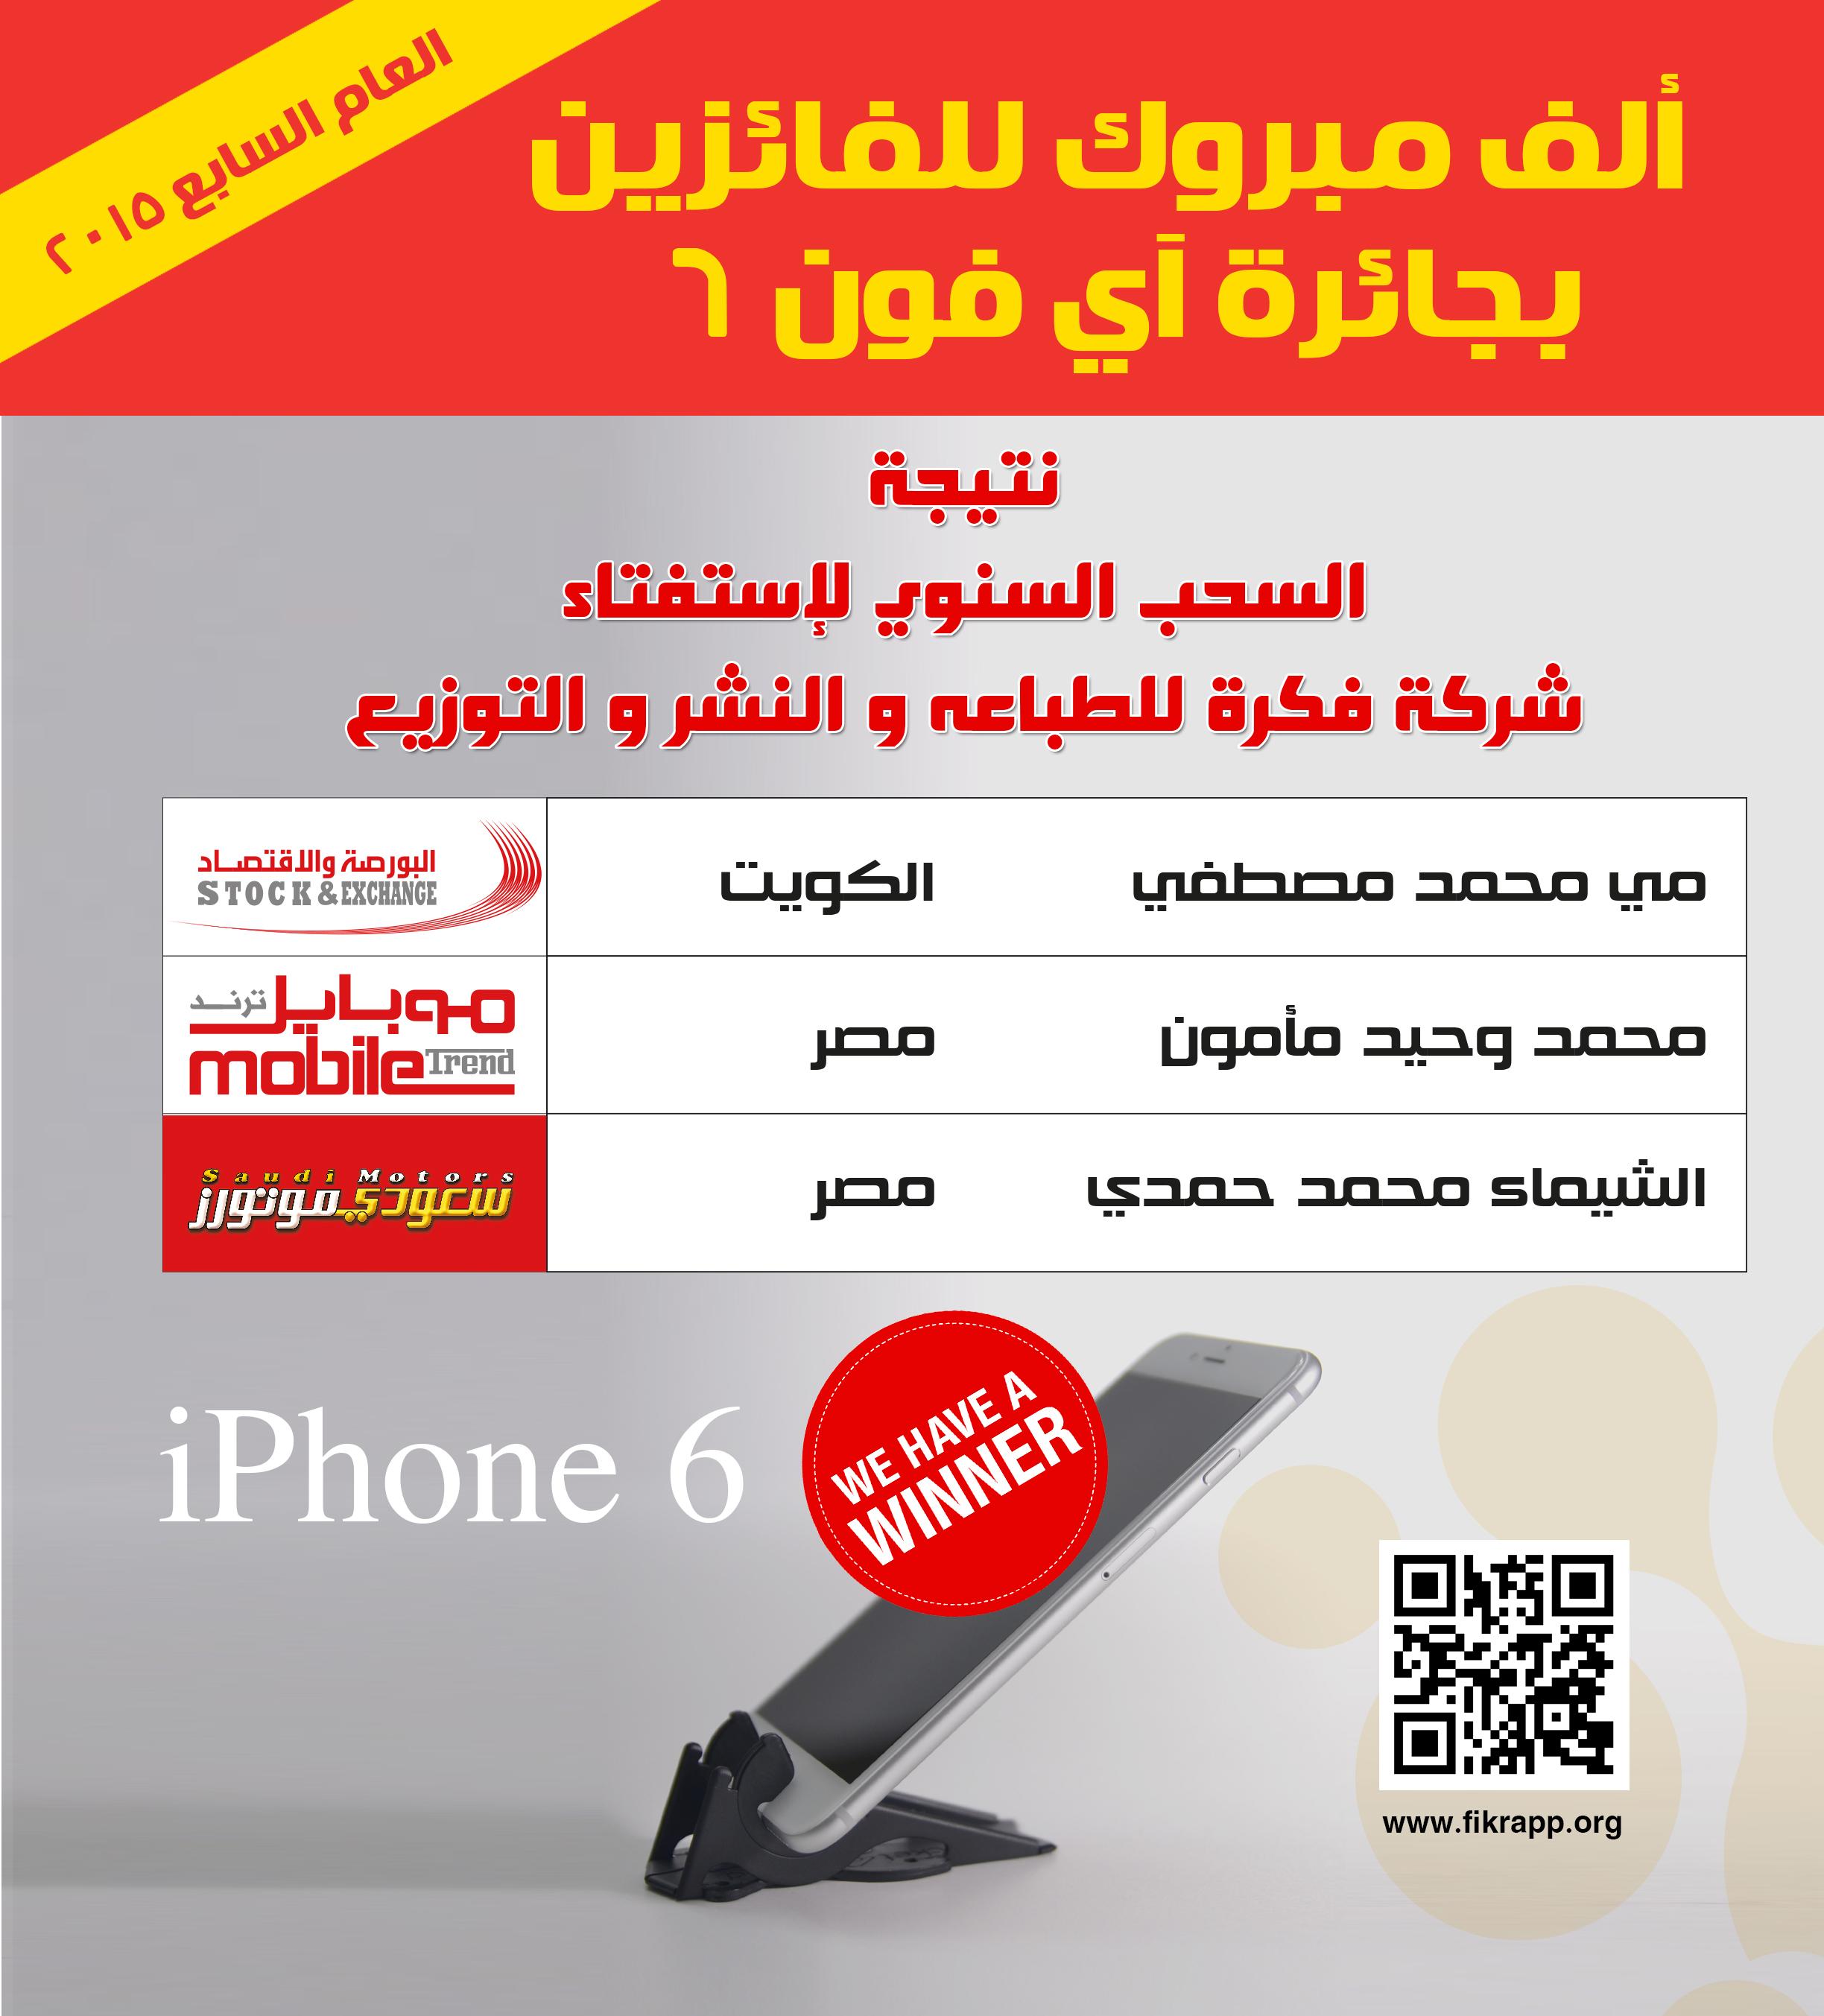 اسماء الفائزين في سحب استفتاء شركة فكرة للطباعة والنشر